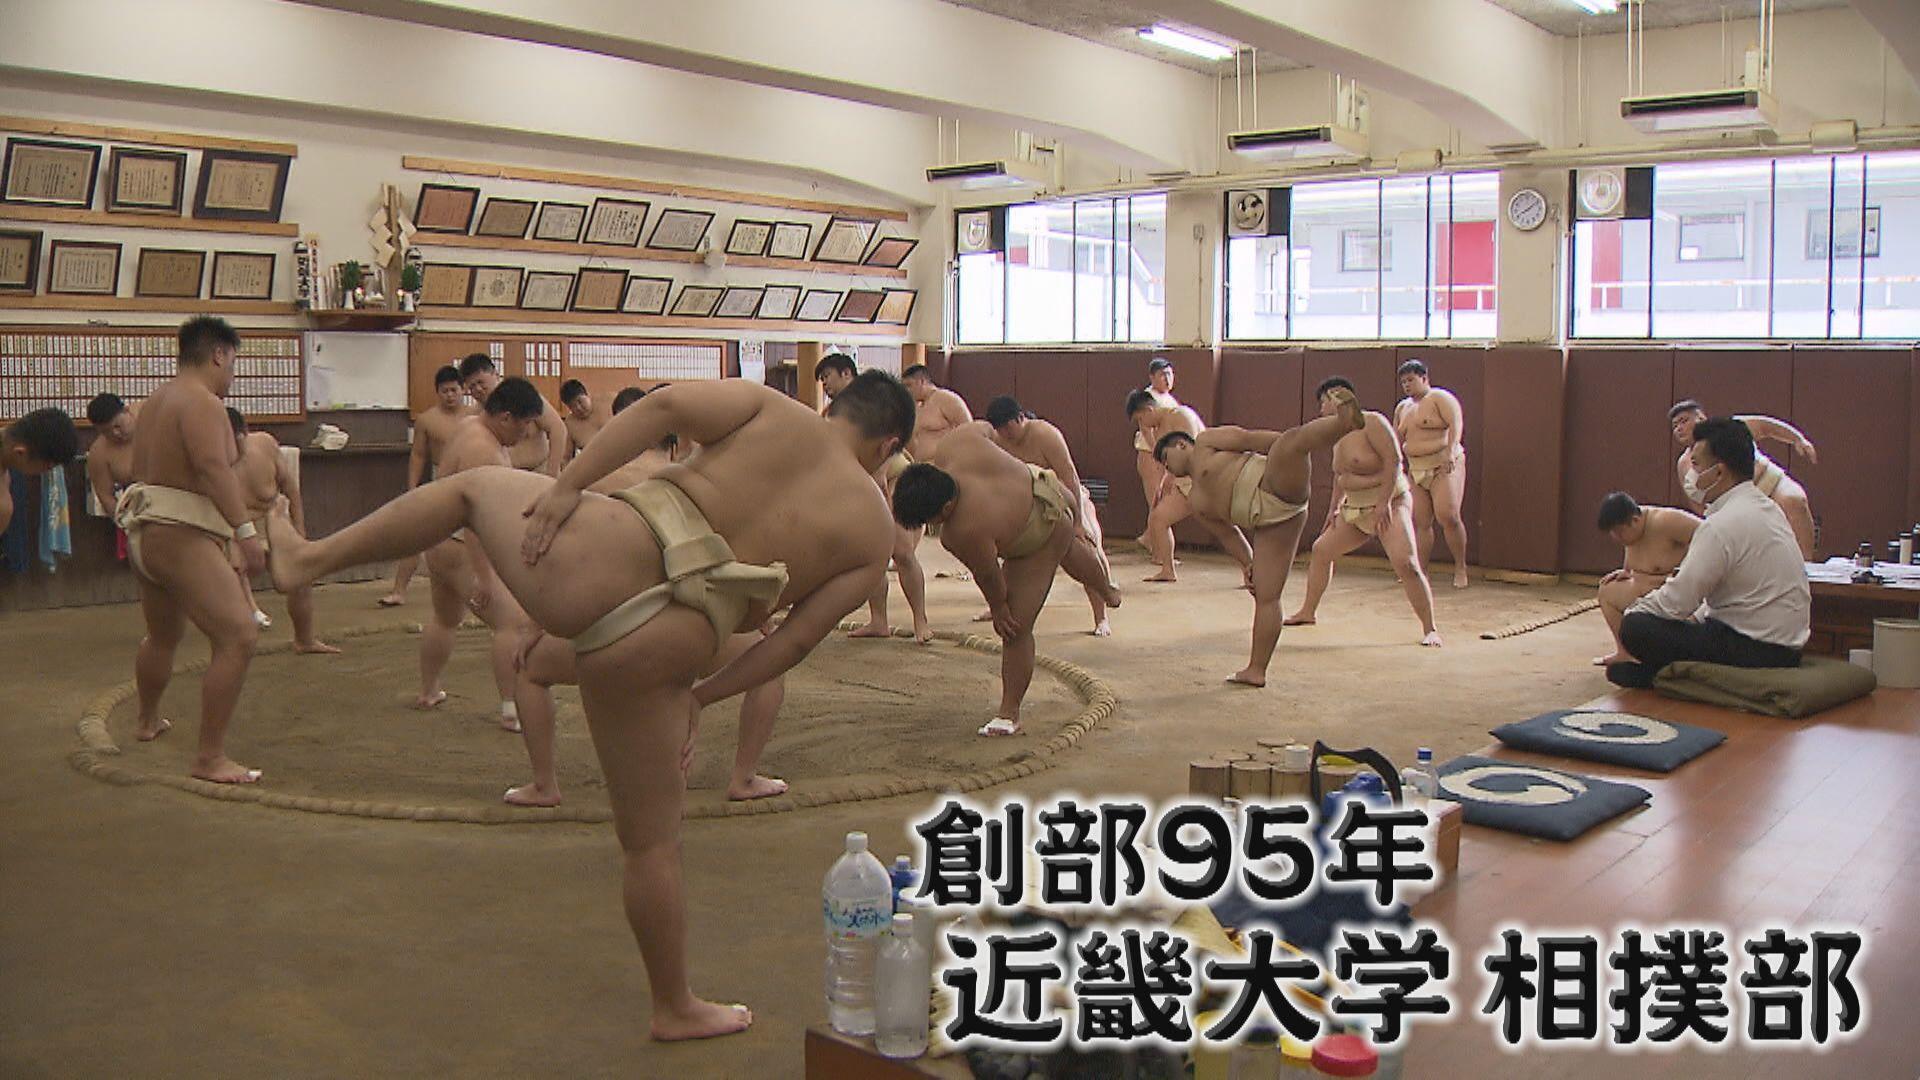 試合へは「全員角刈り」で団結…全寮制の近大相撲部 95年の伝統守りつつ…LINEでイマドキ指導も